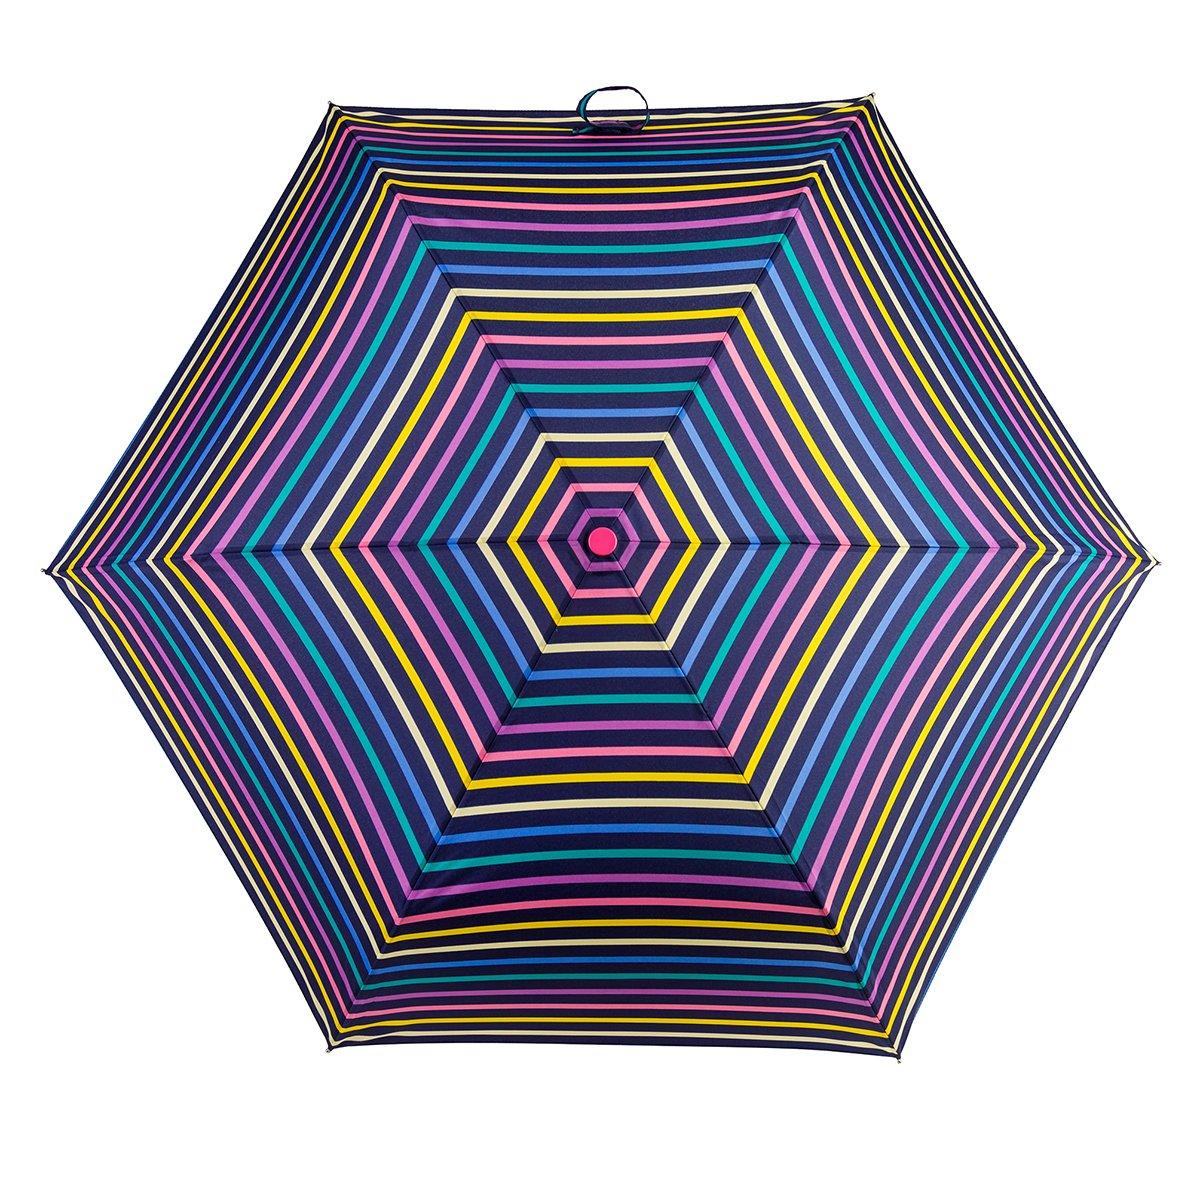 Totes Supermini Ladies Folding Umbrella - Bright Visual Stripes 8131